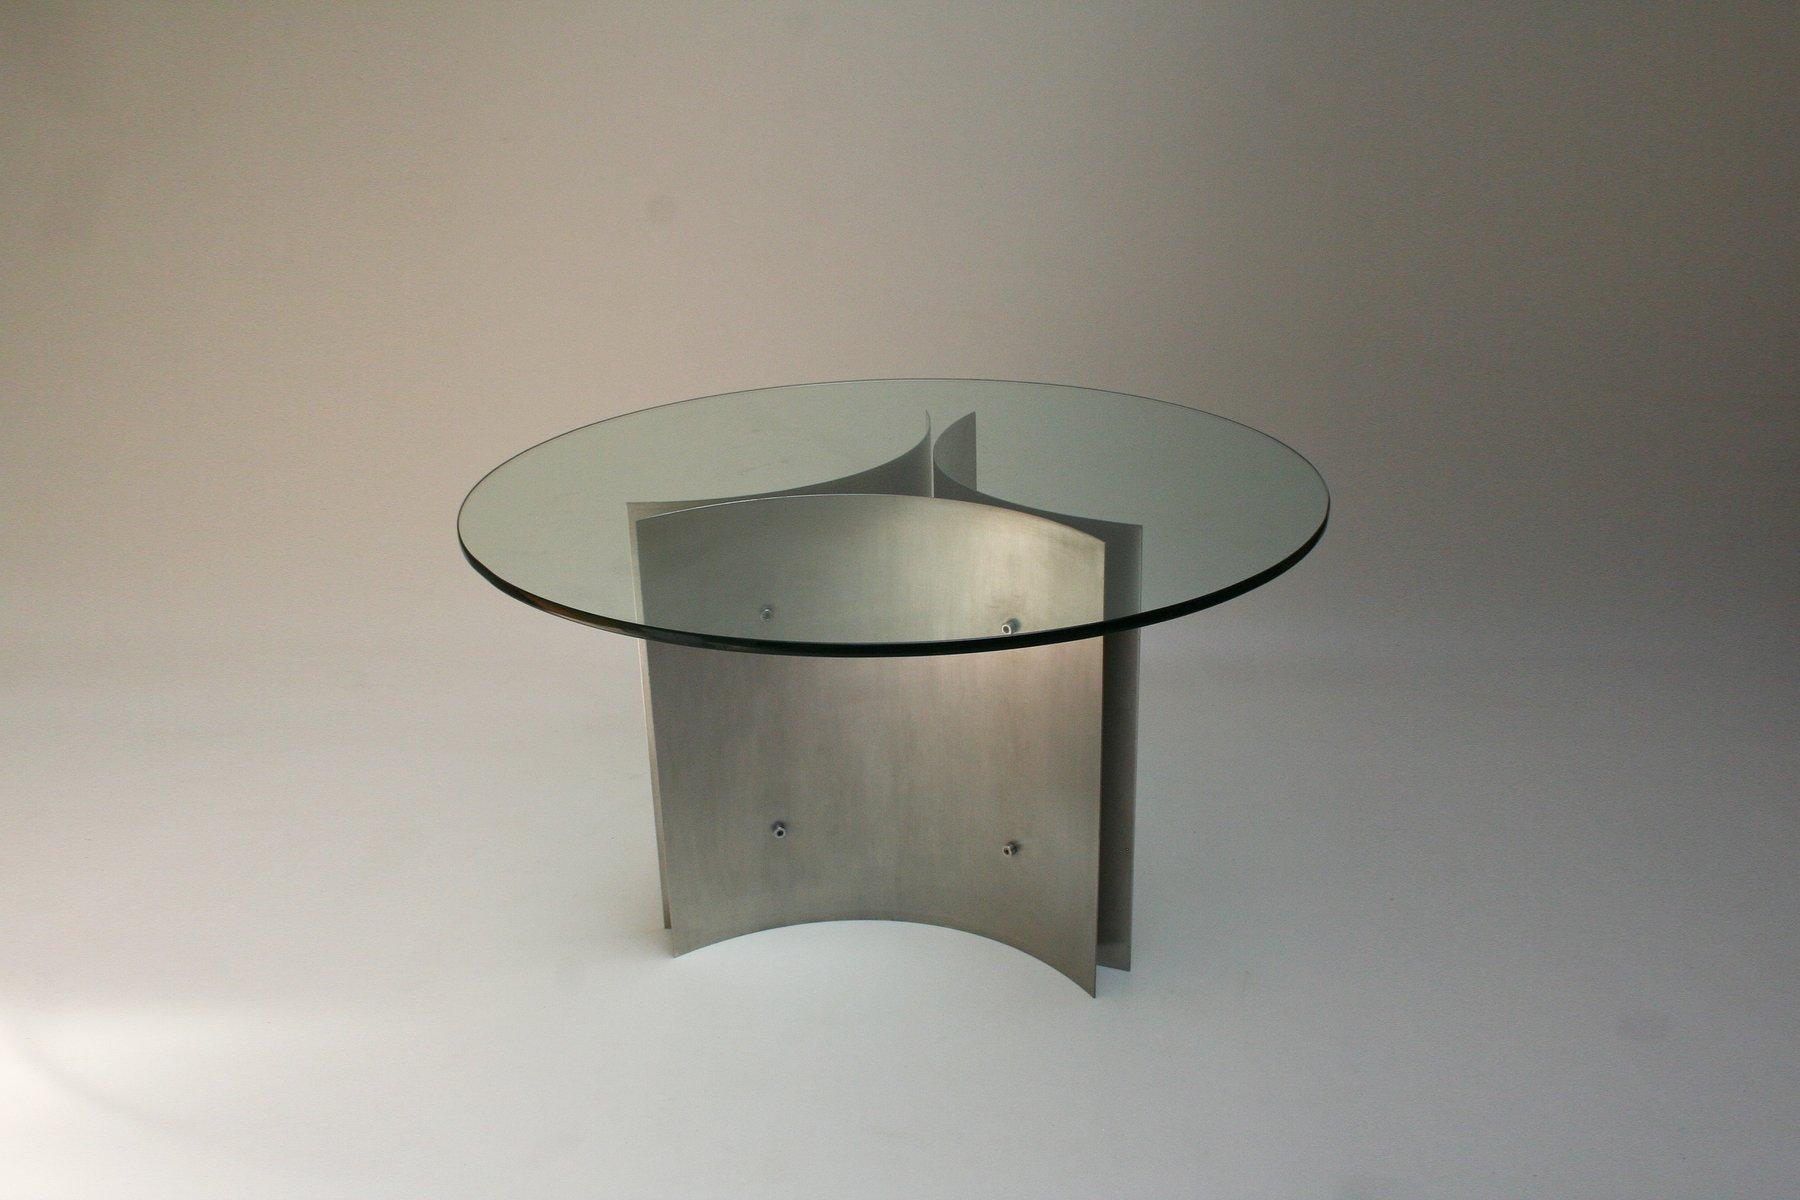 Tavolo da pranzo in vetro e acciaio, anni \'70 in vendita su Pamono